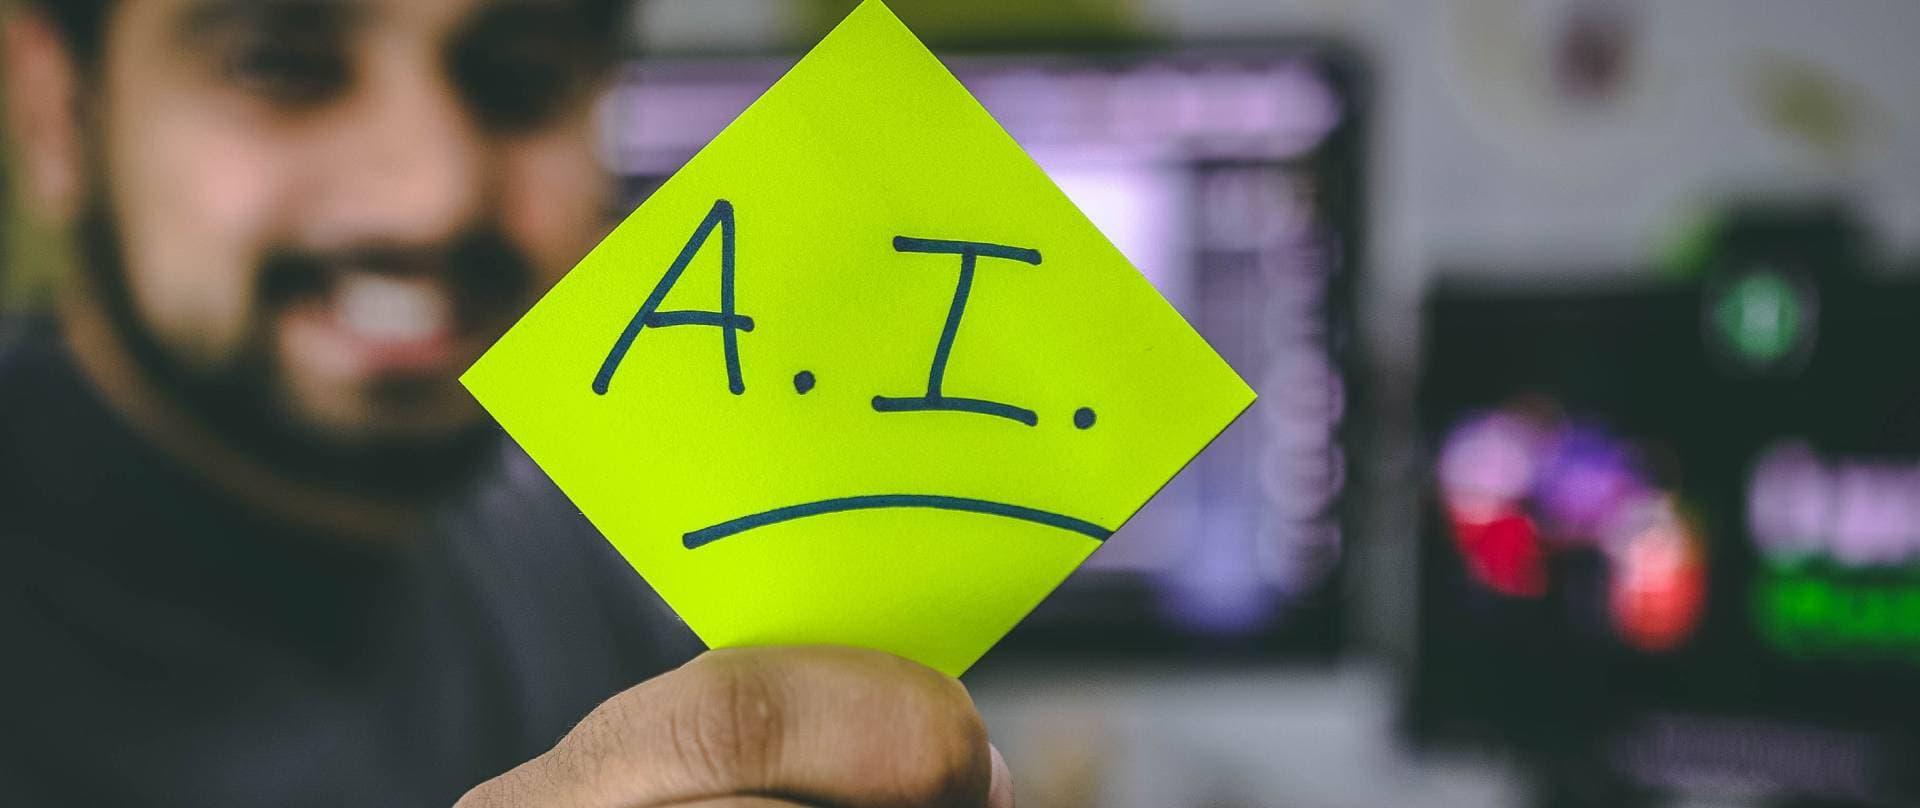 Agile Automations and AI